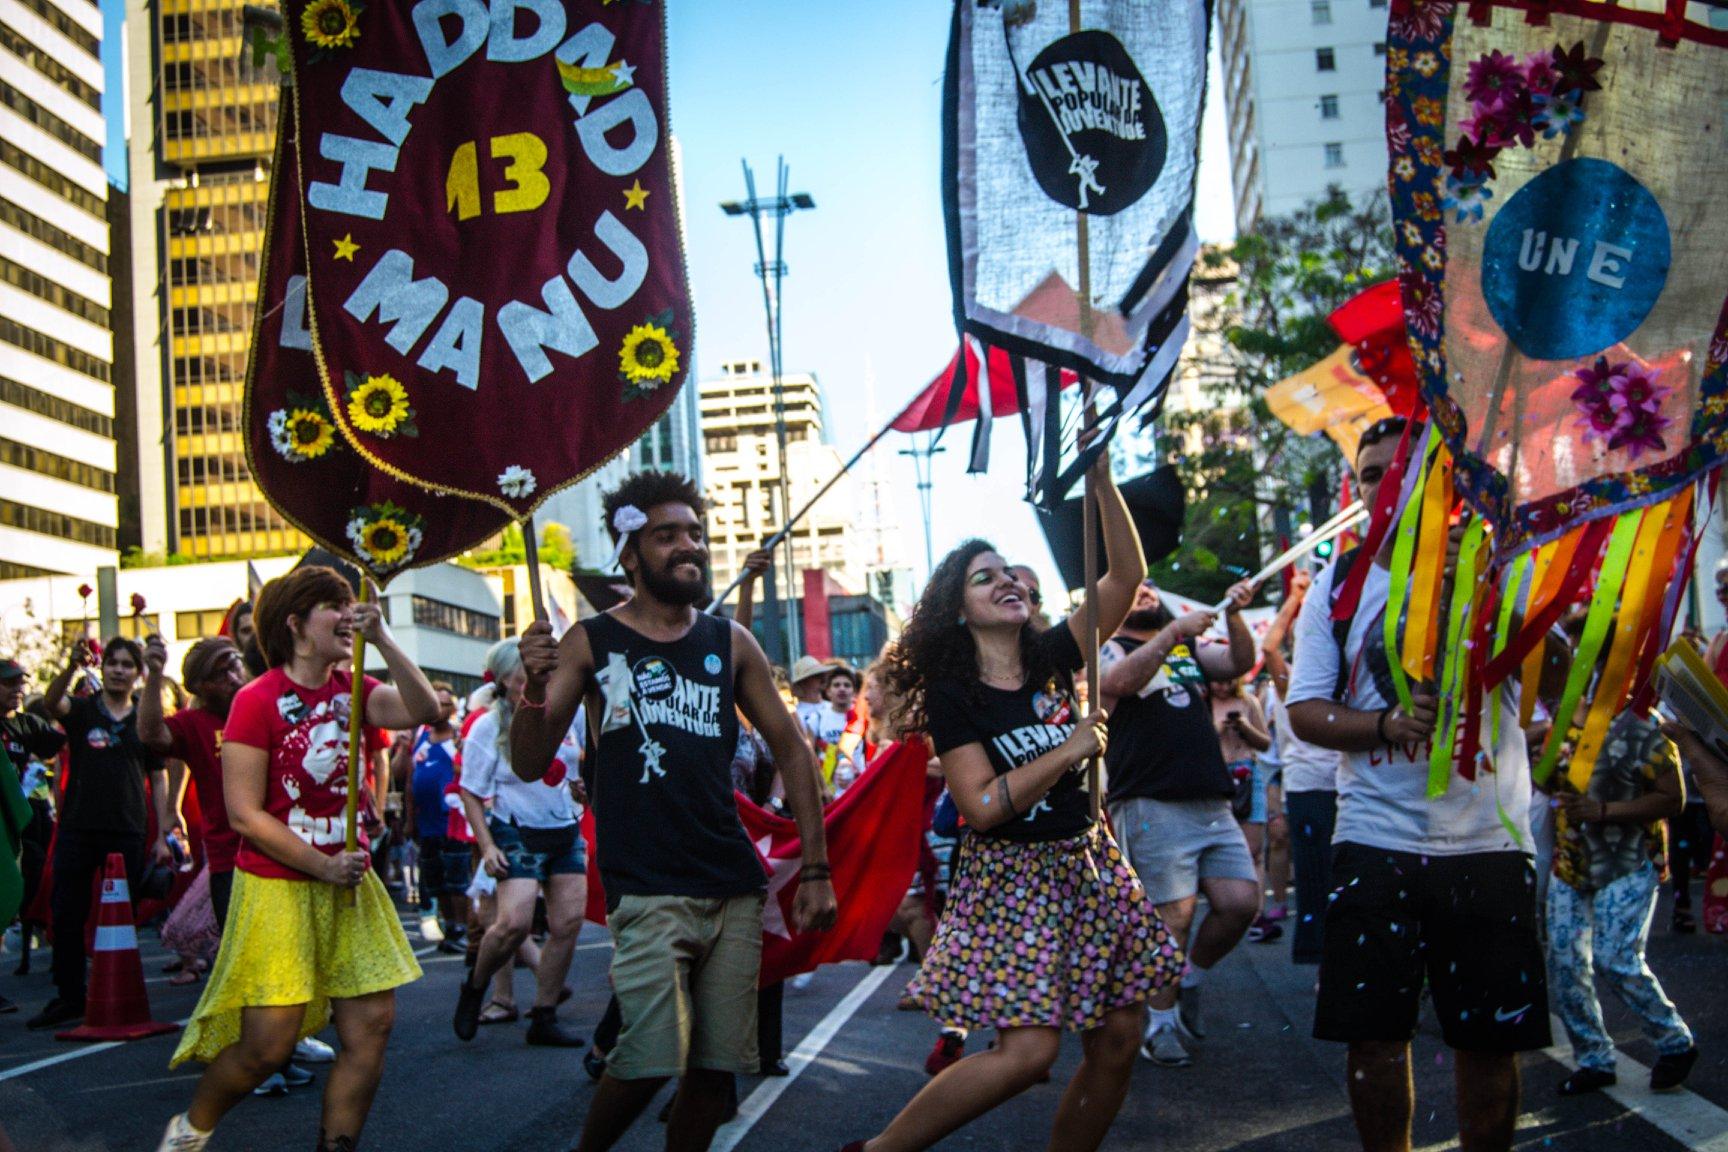 FOTO4A-Bloco vem com Lula